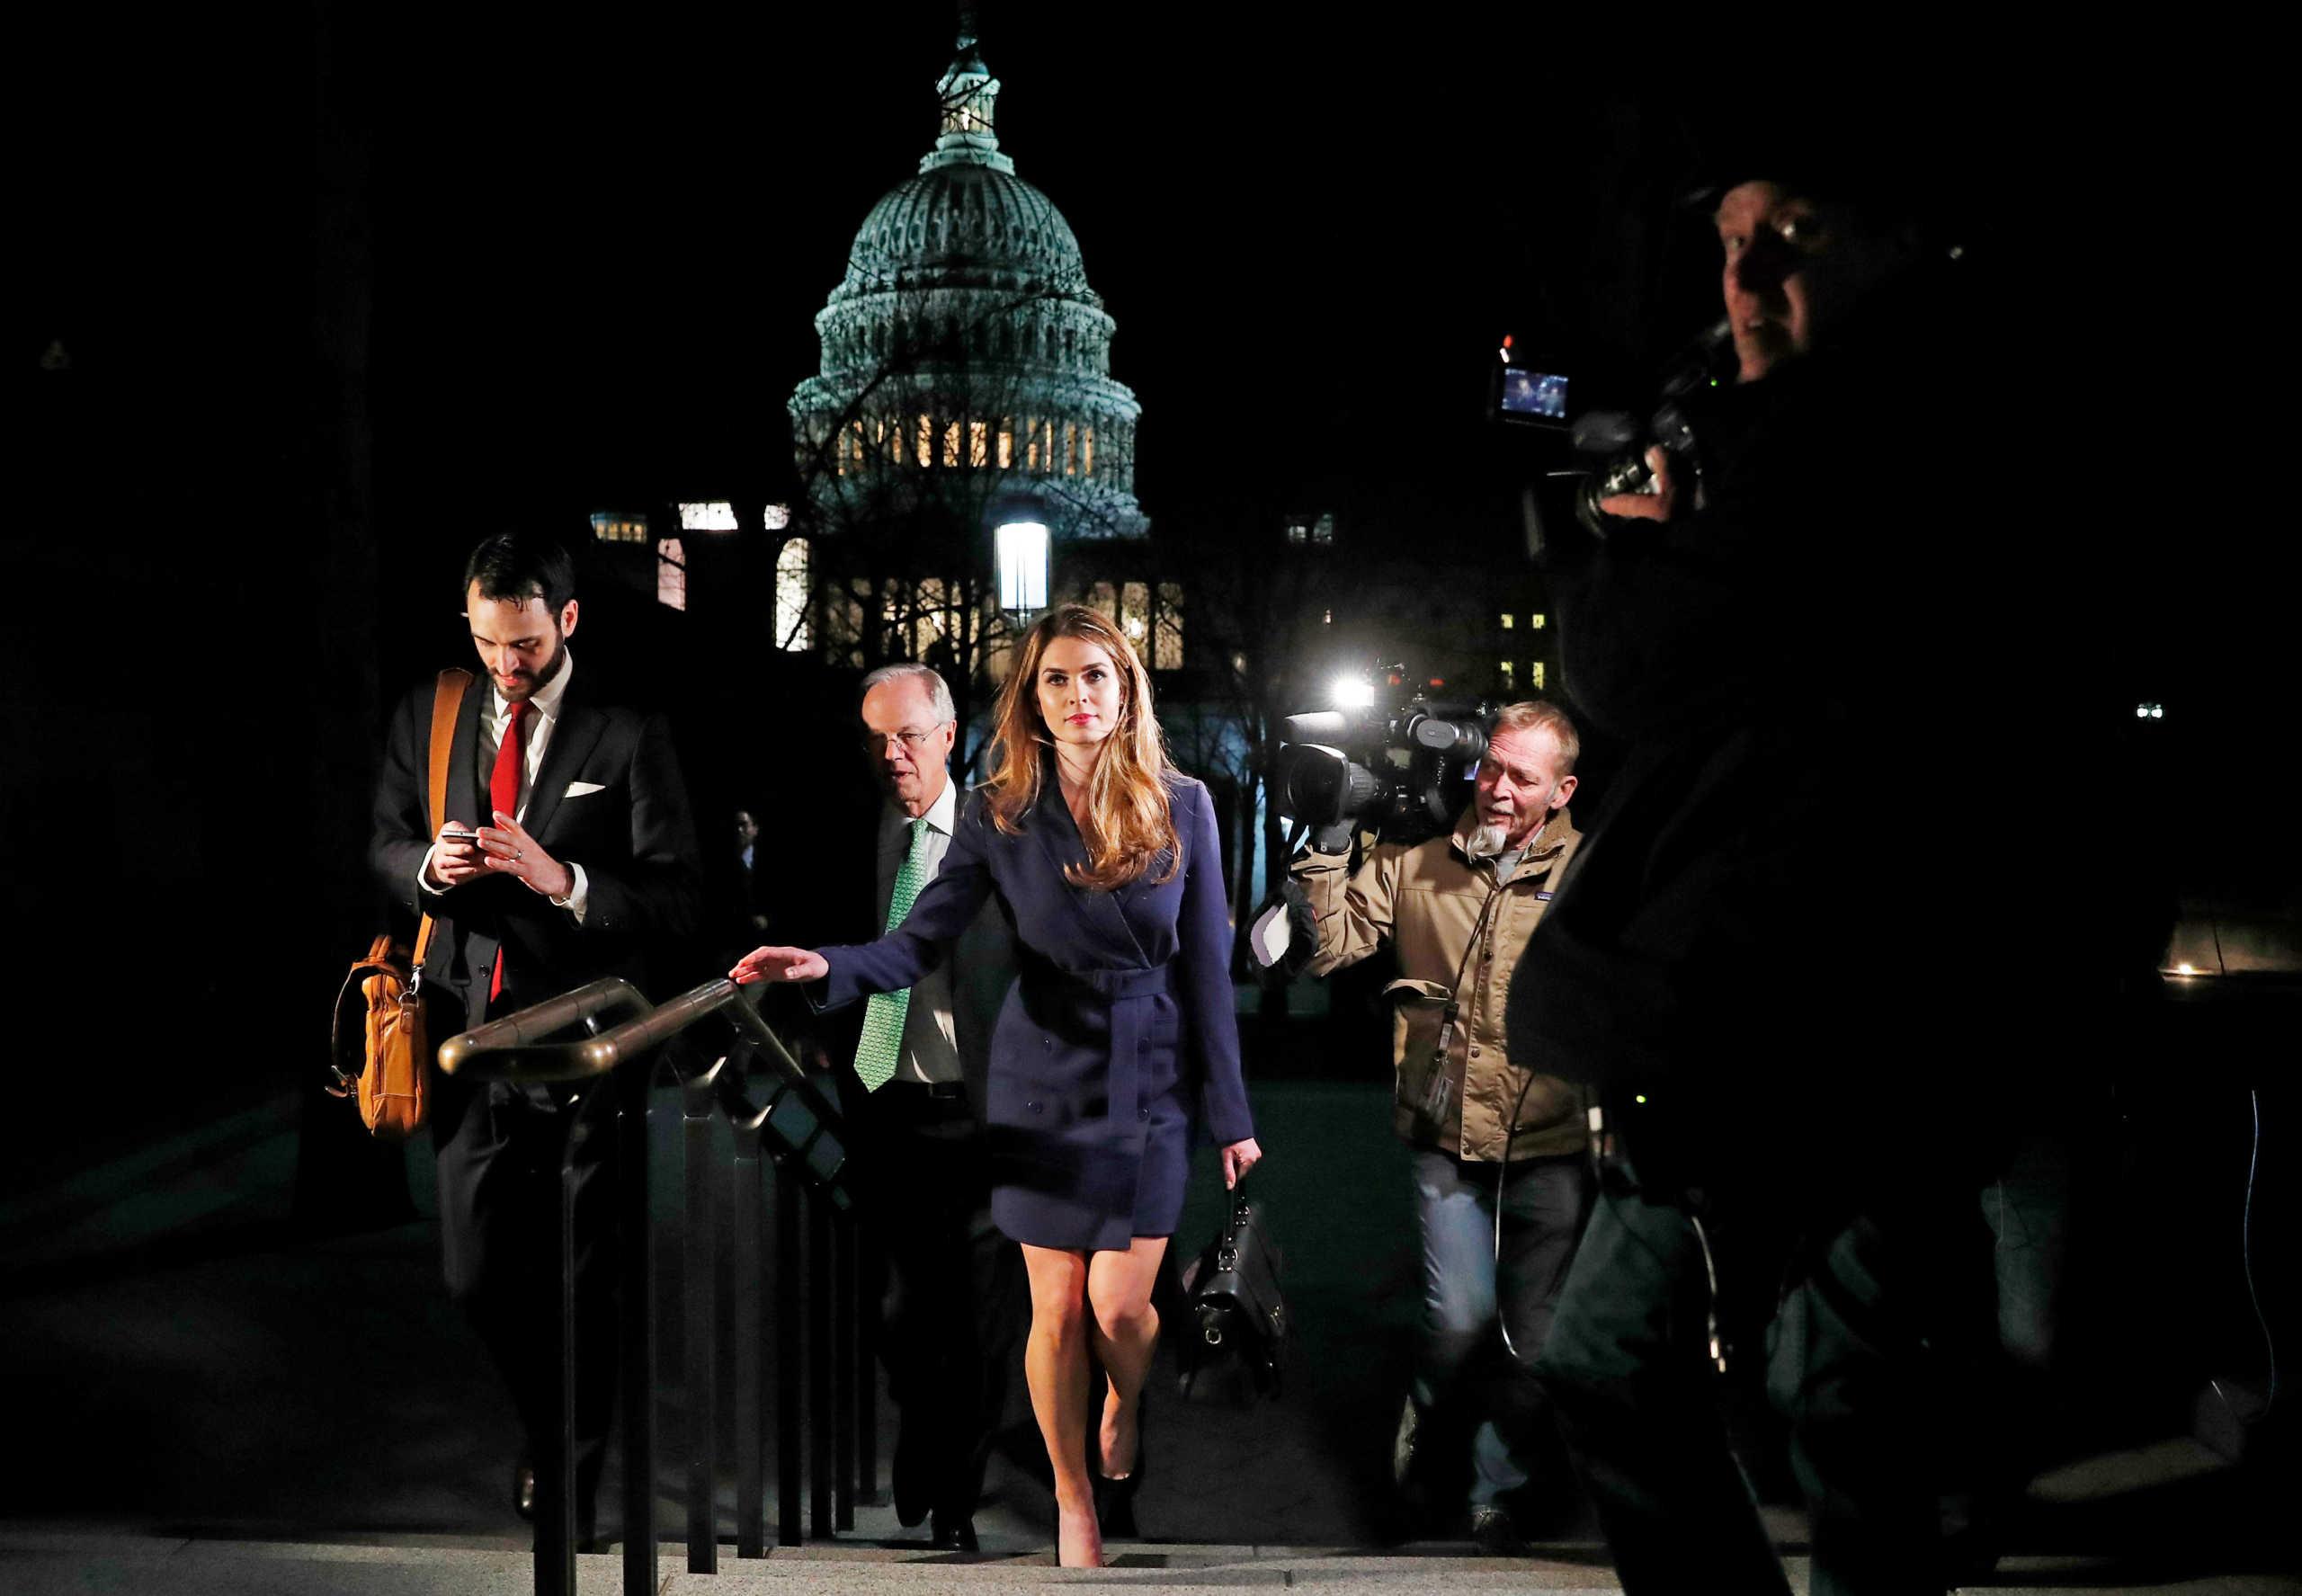 Χόουπ Χικς: Ποια είναι η γυναίκα που… κόλλησε κορονοϊό τον Τραμπ